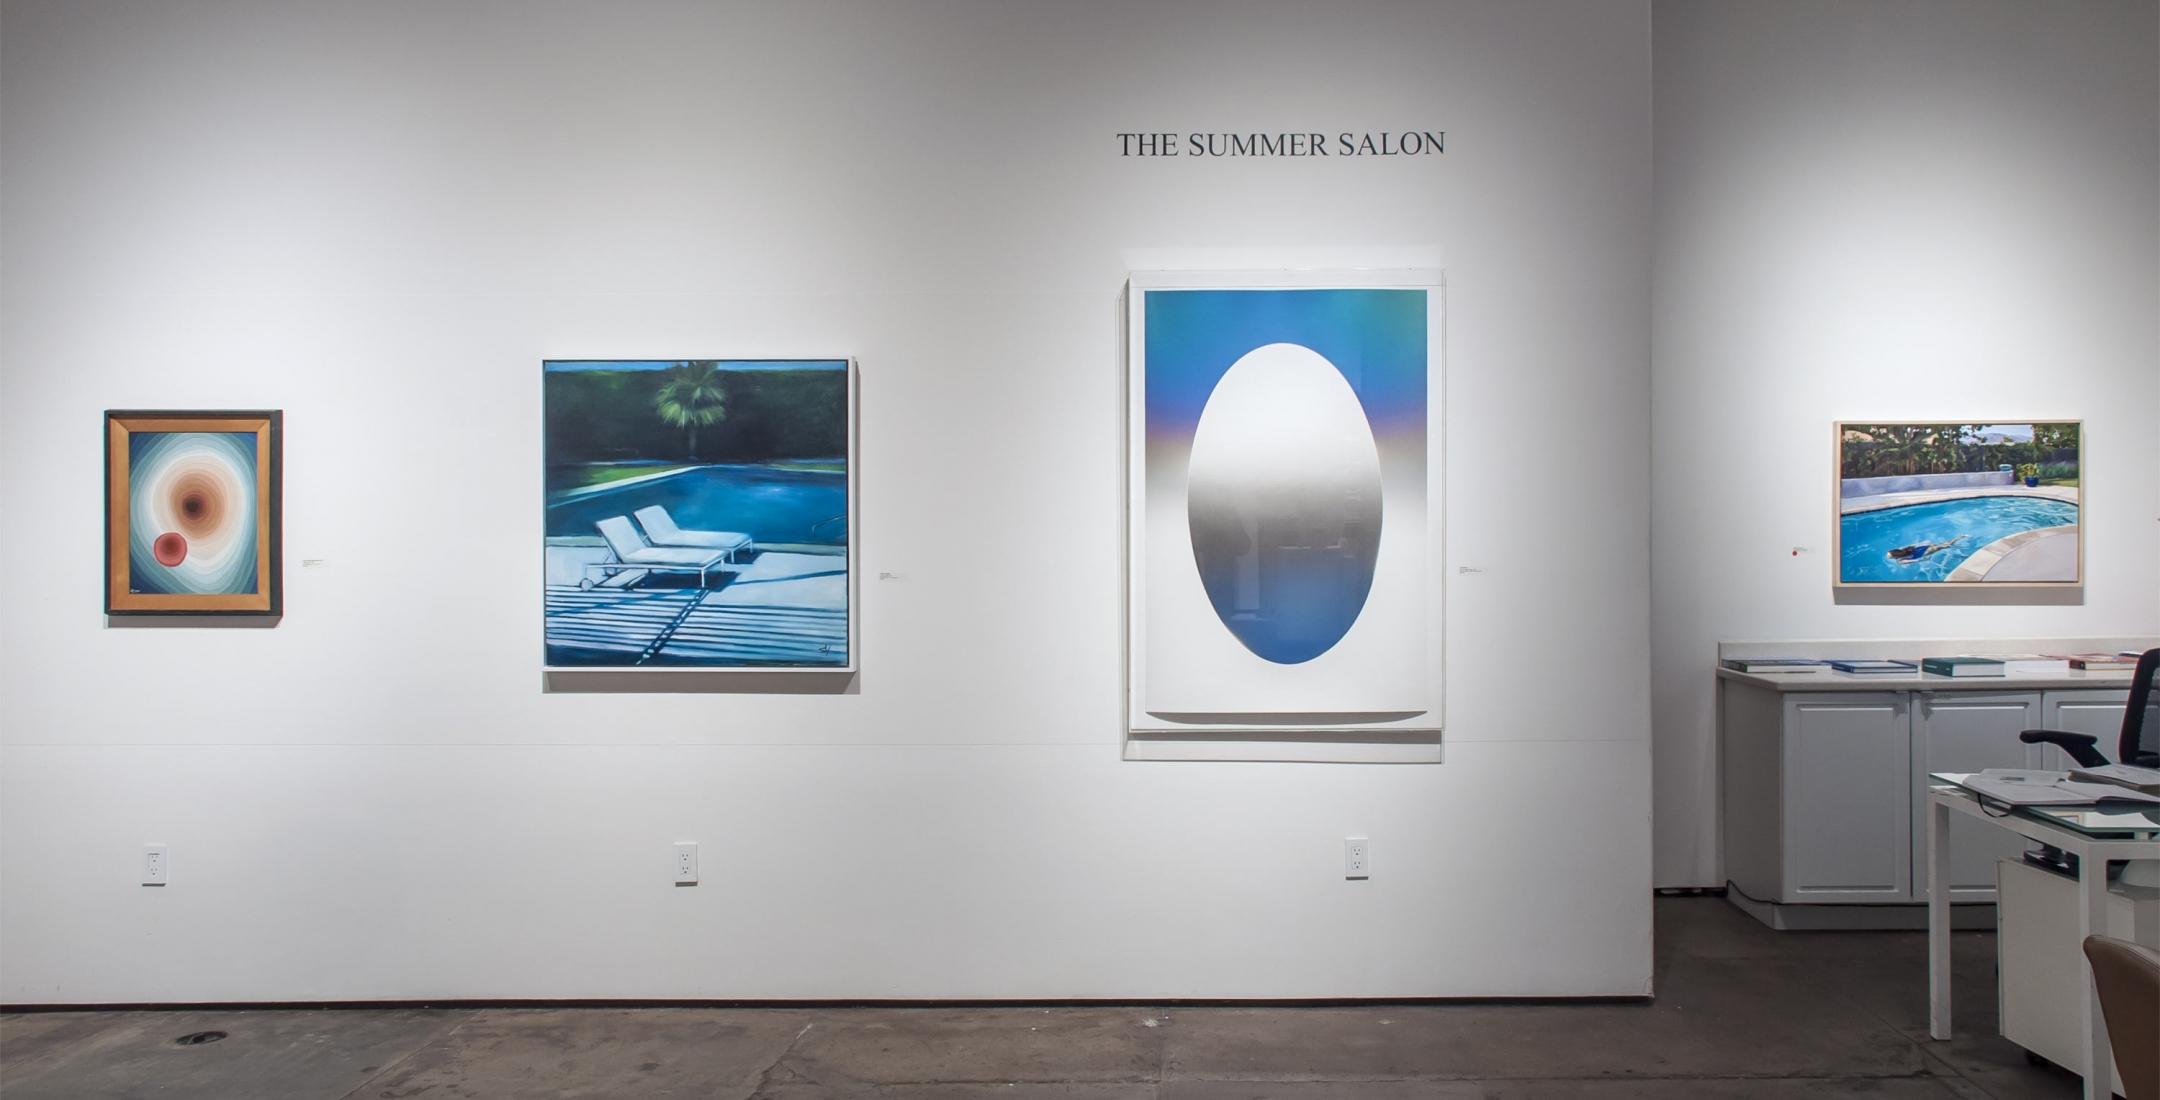 THE SUMMER SALON II, 2021